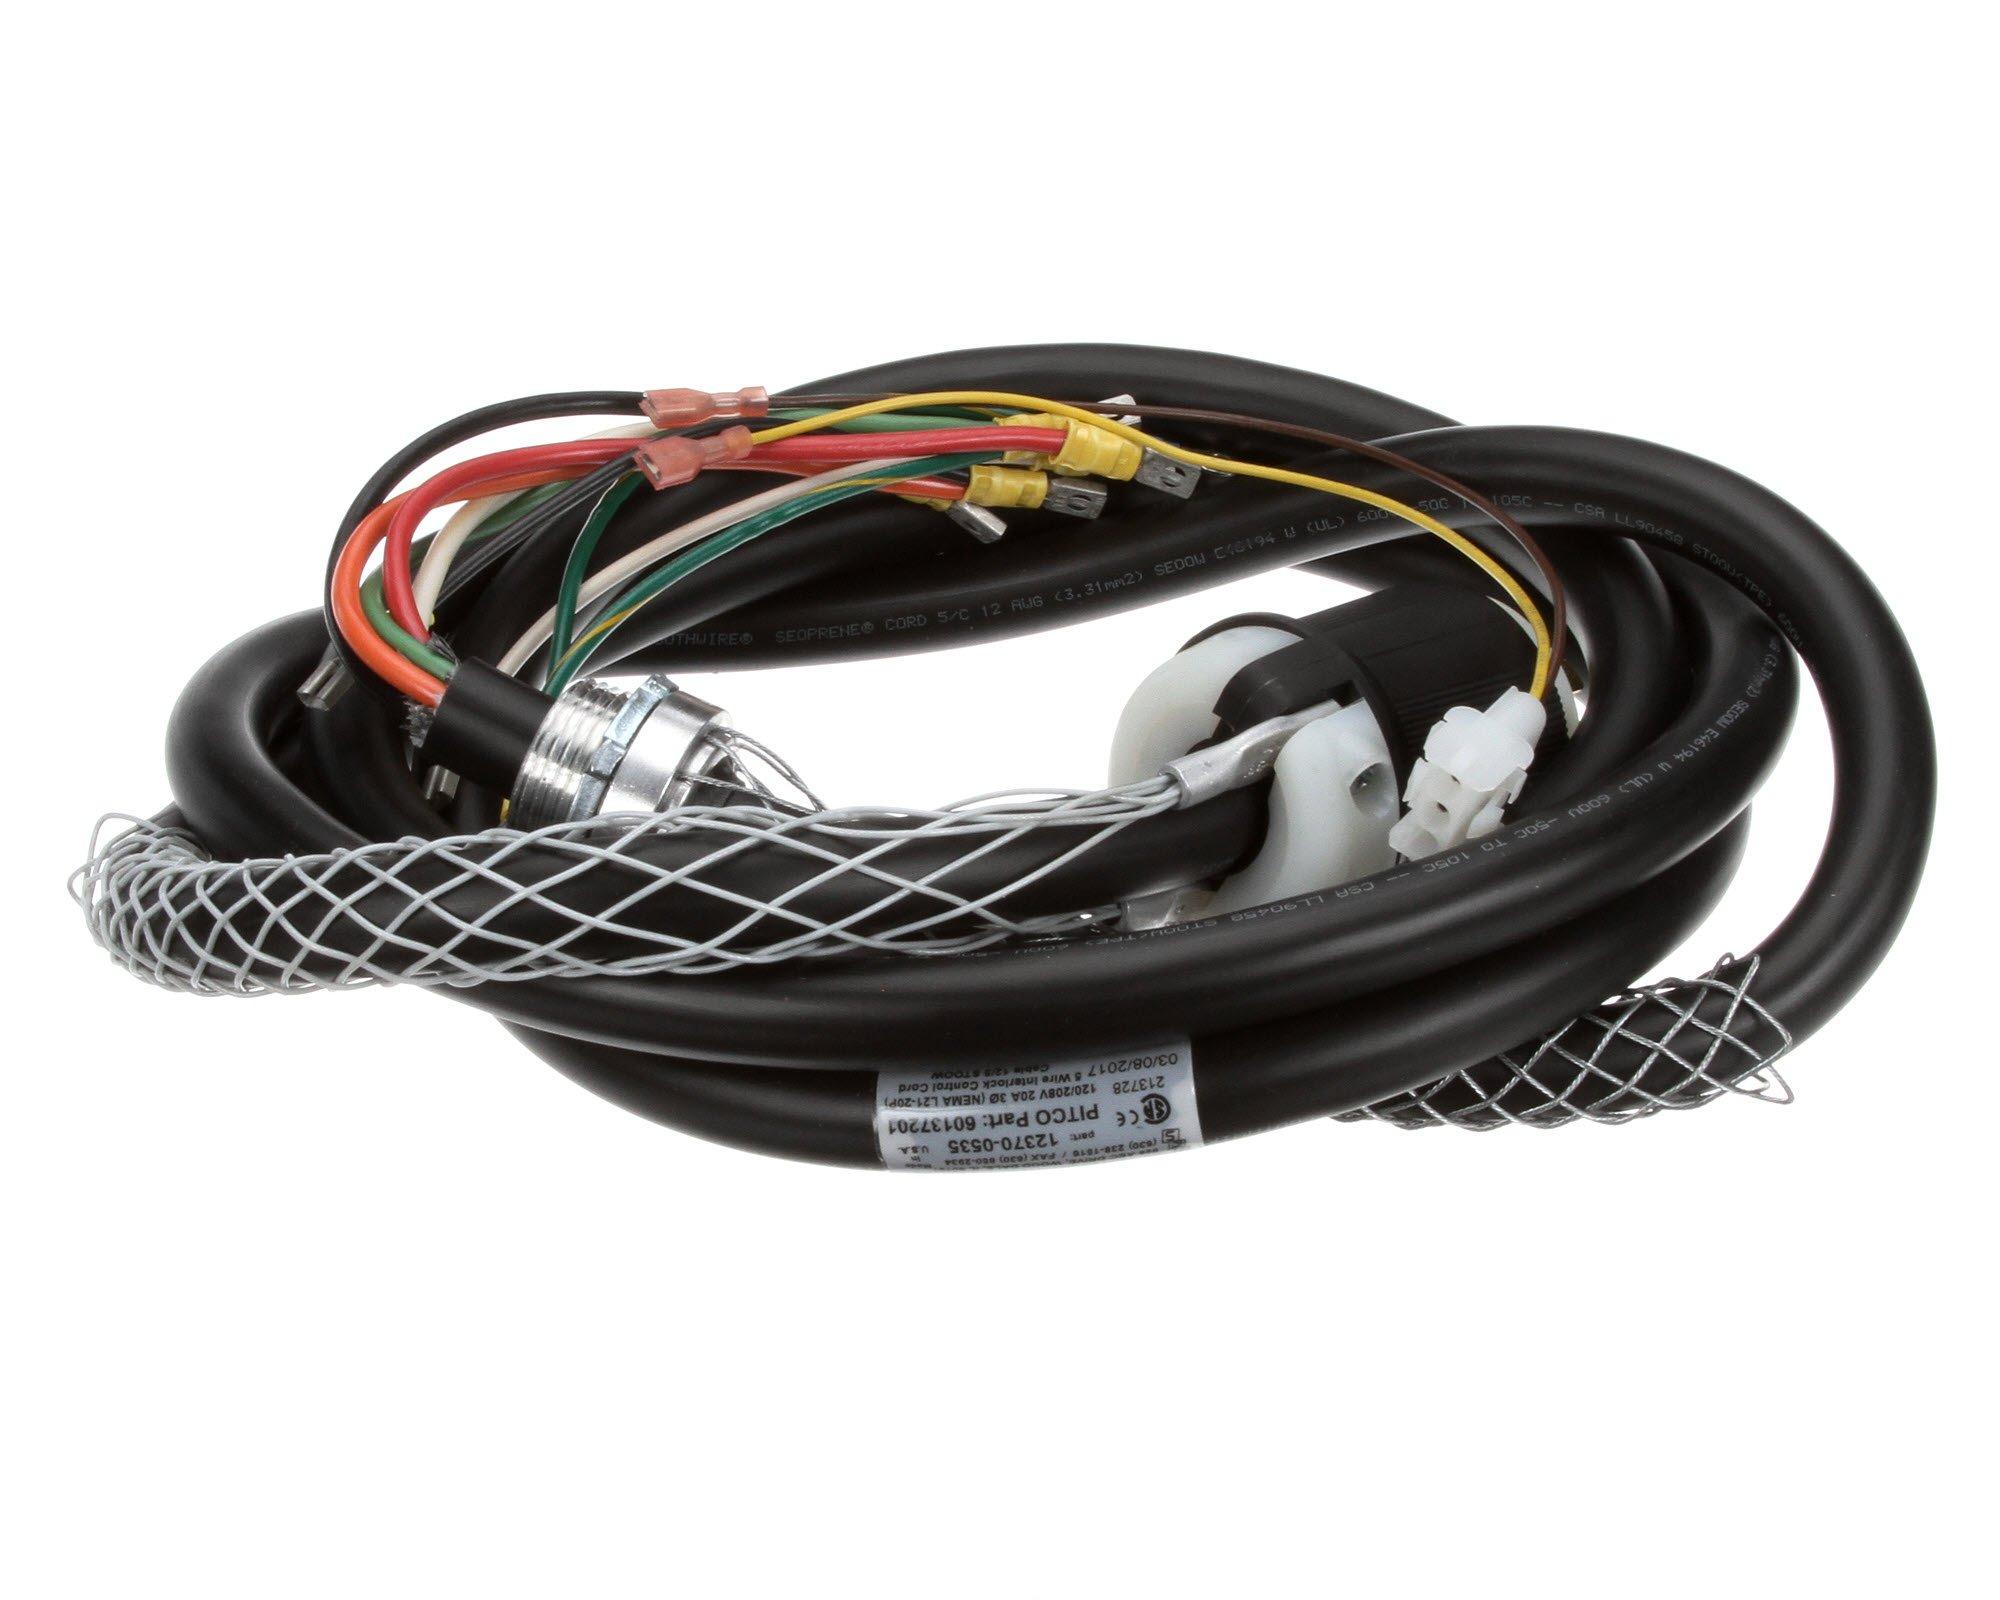 Pitco 60137201 Cord 5 Wire with Plug, NEMA L21-20P